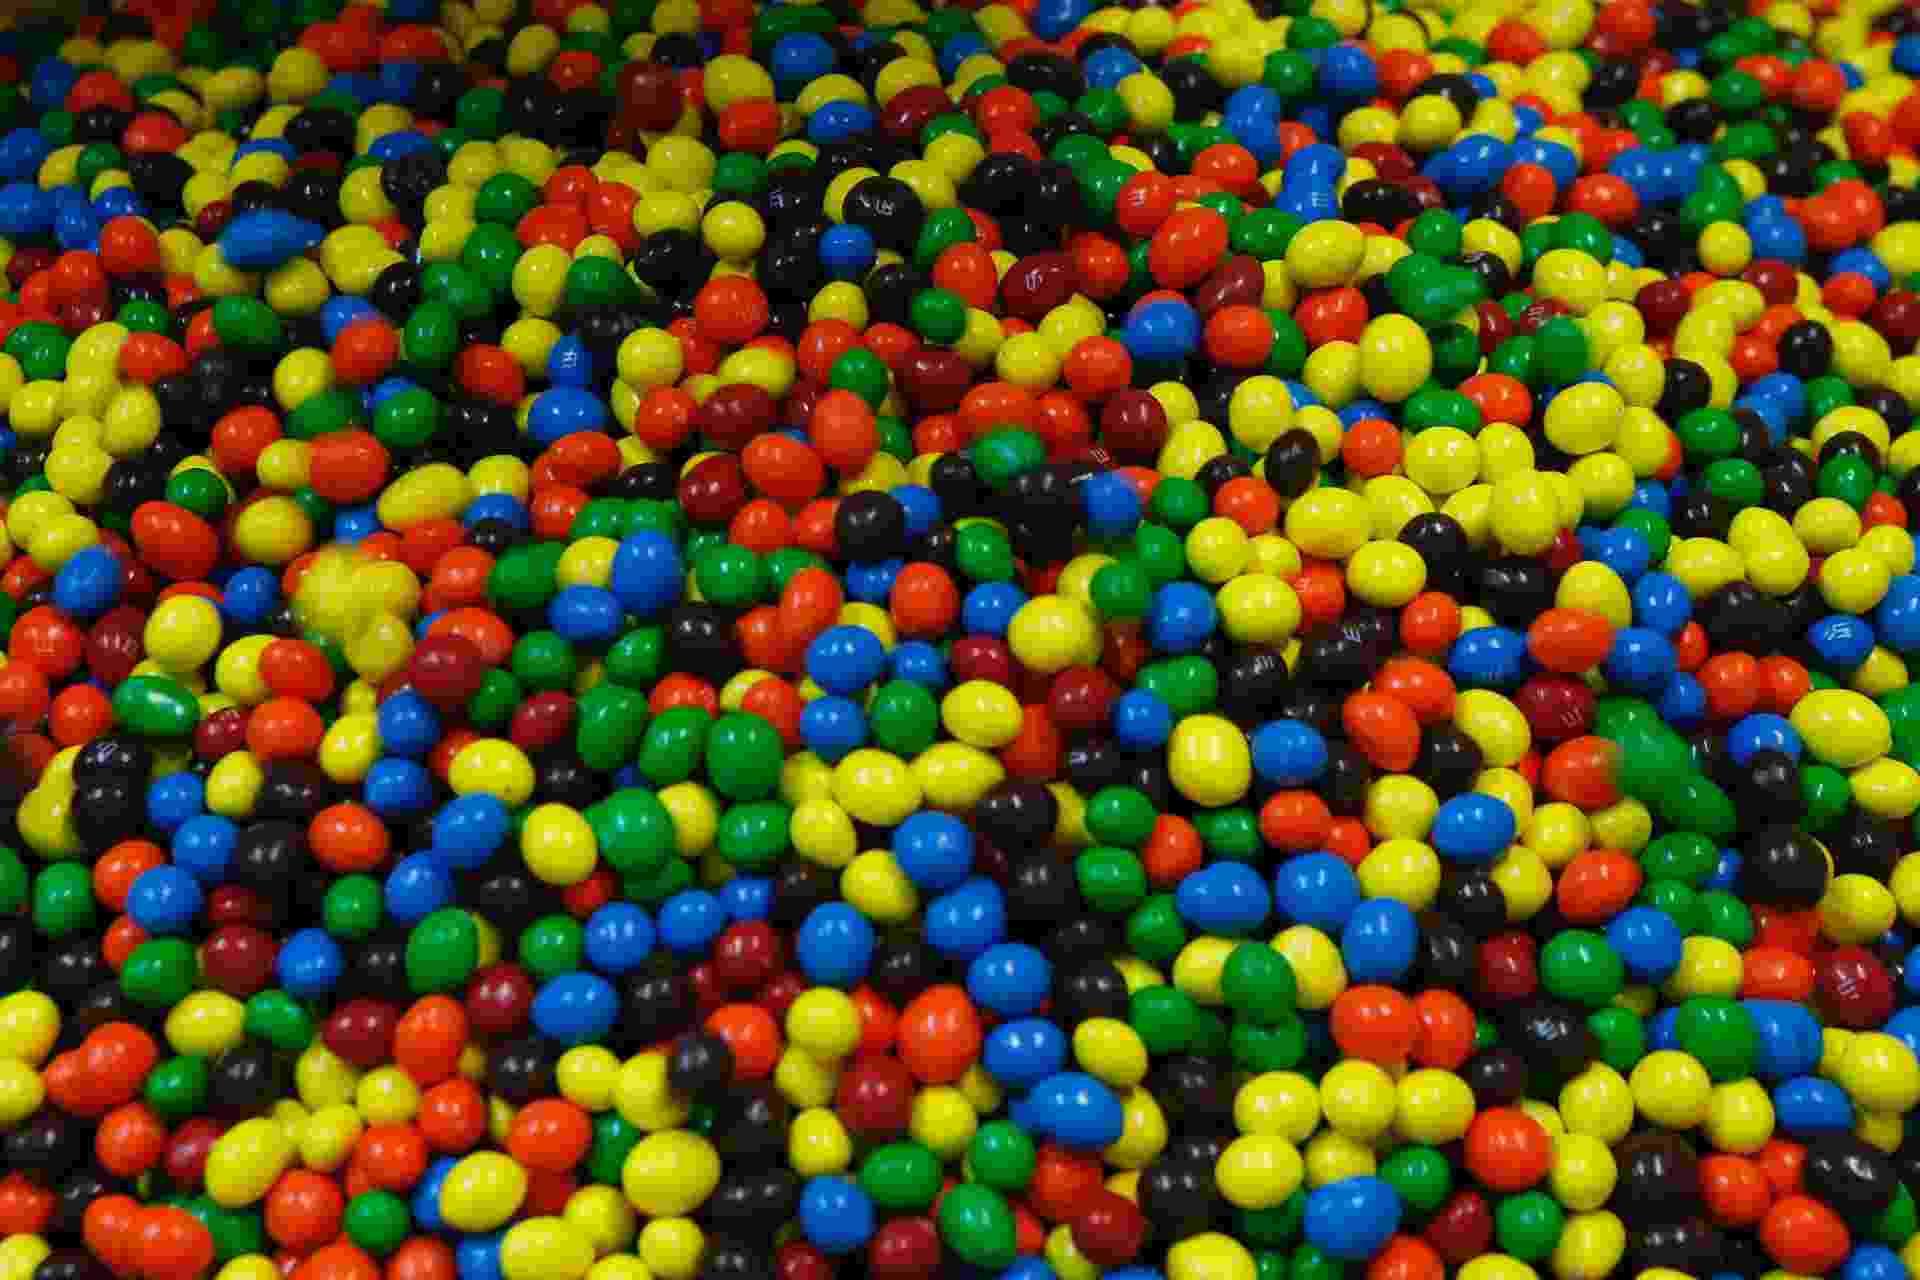 Um dos doces mais populares no mundo, o M&Ms chegou ao Brasil em 1994. Eles começaram a ser feitos aqui três anos depois. Clique nas imagens para ver como o confeito é produzido - Júnior Lago/UOL